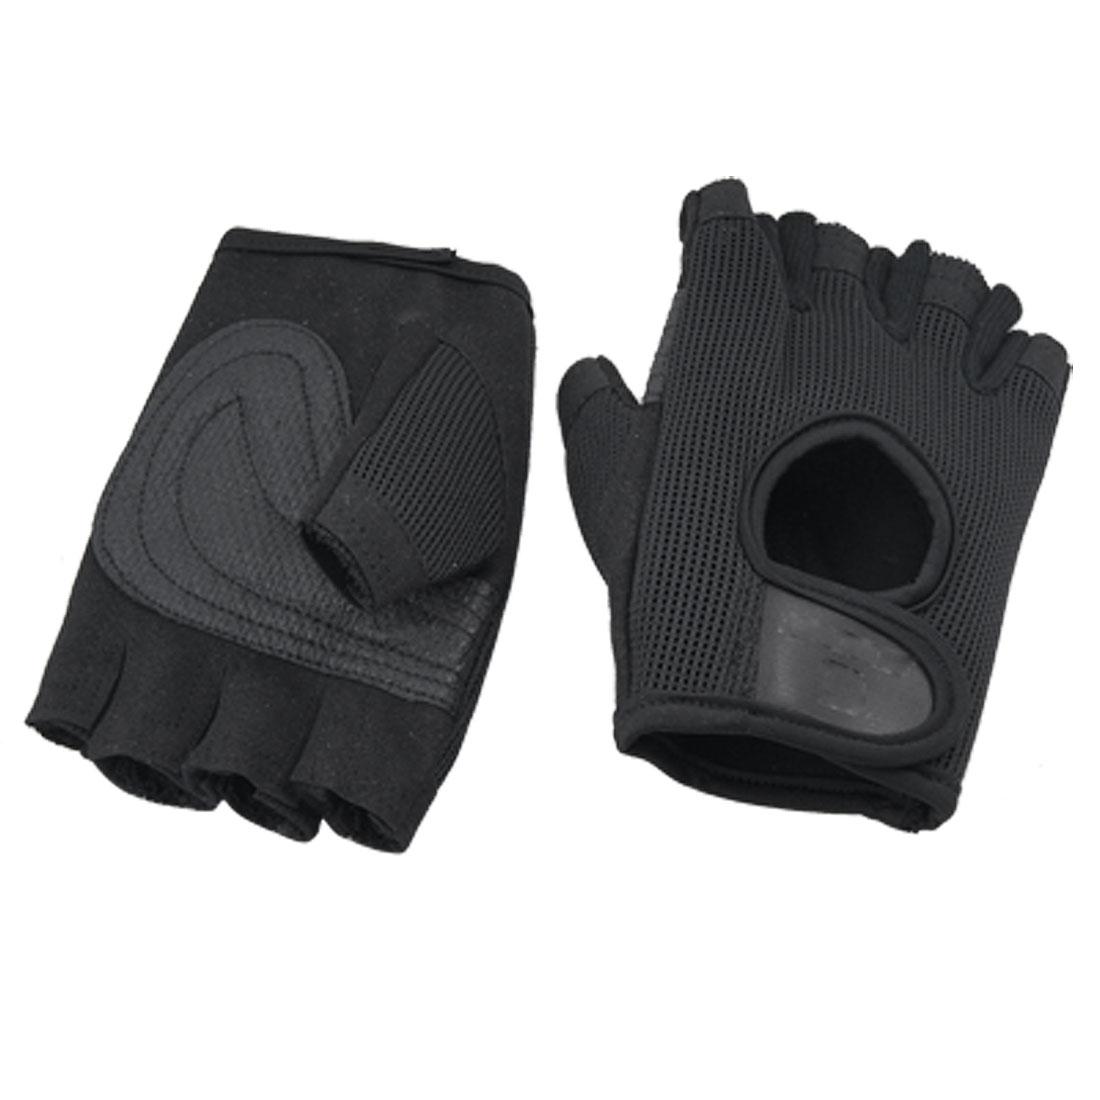 Pair Black Breathable Mountain Bike Fingerless Gloves